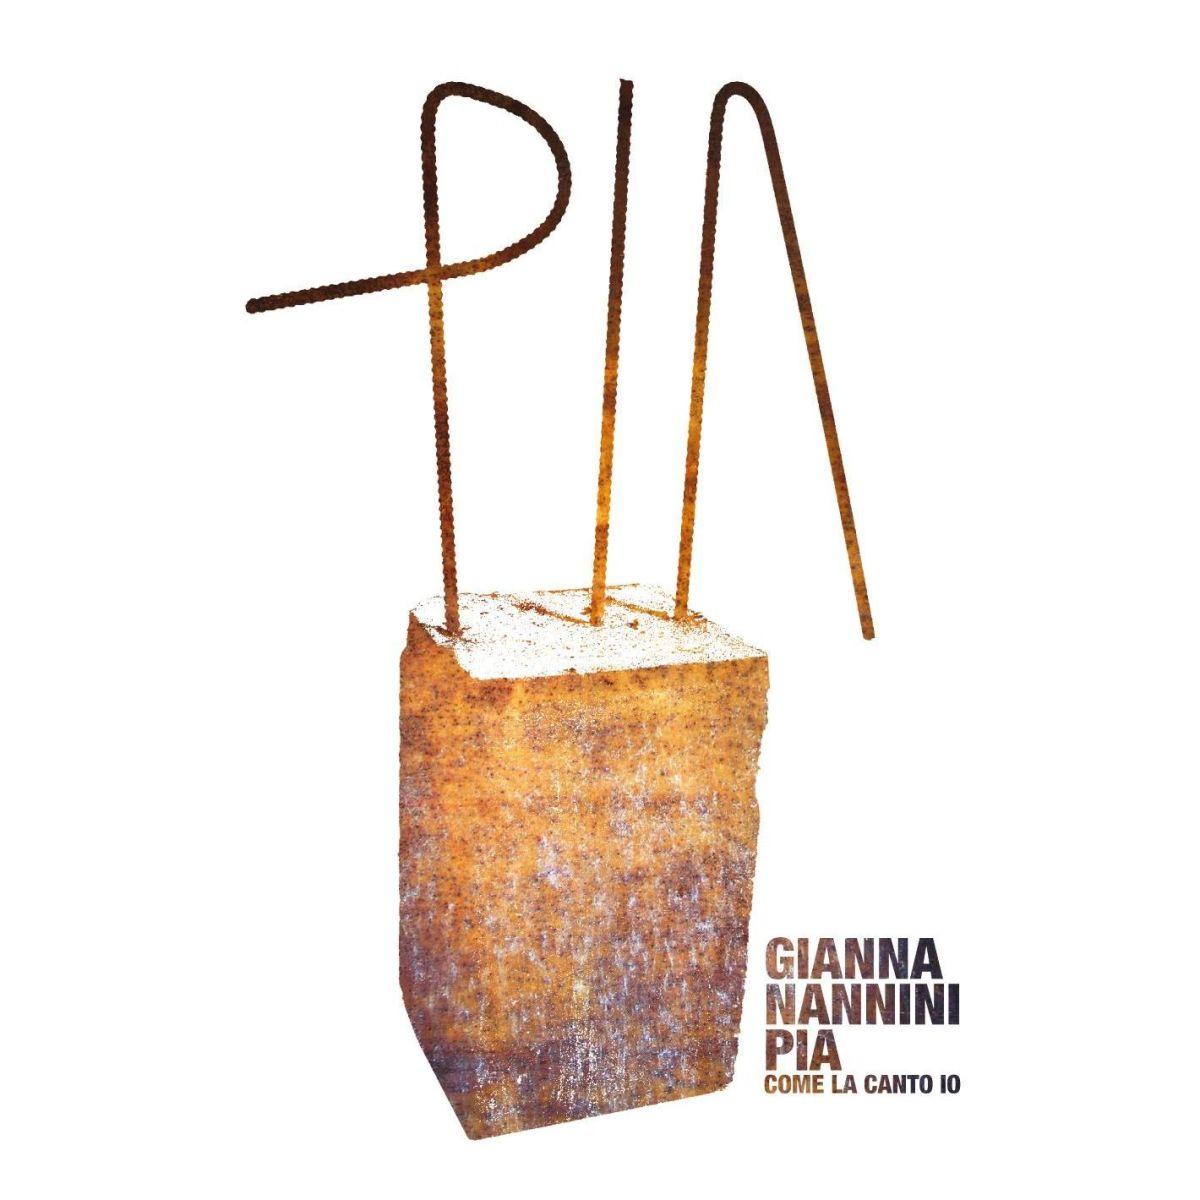 Il mito di Pia da Dante a Gianna Nannini e PiaPera